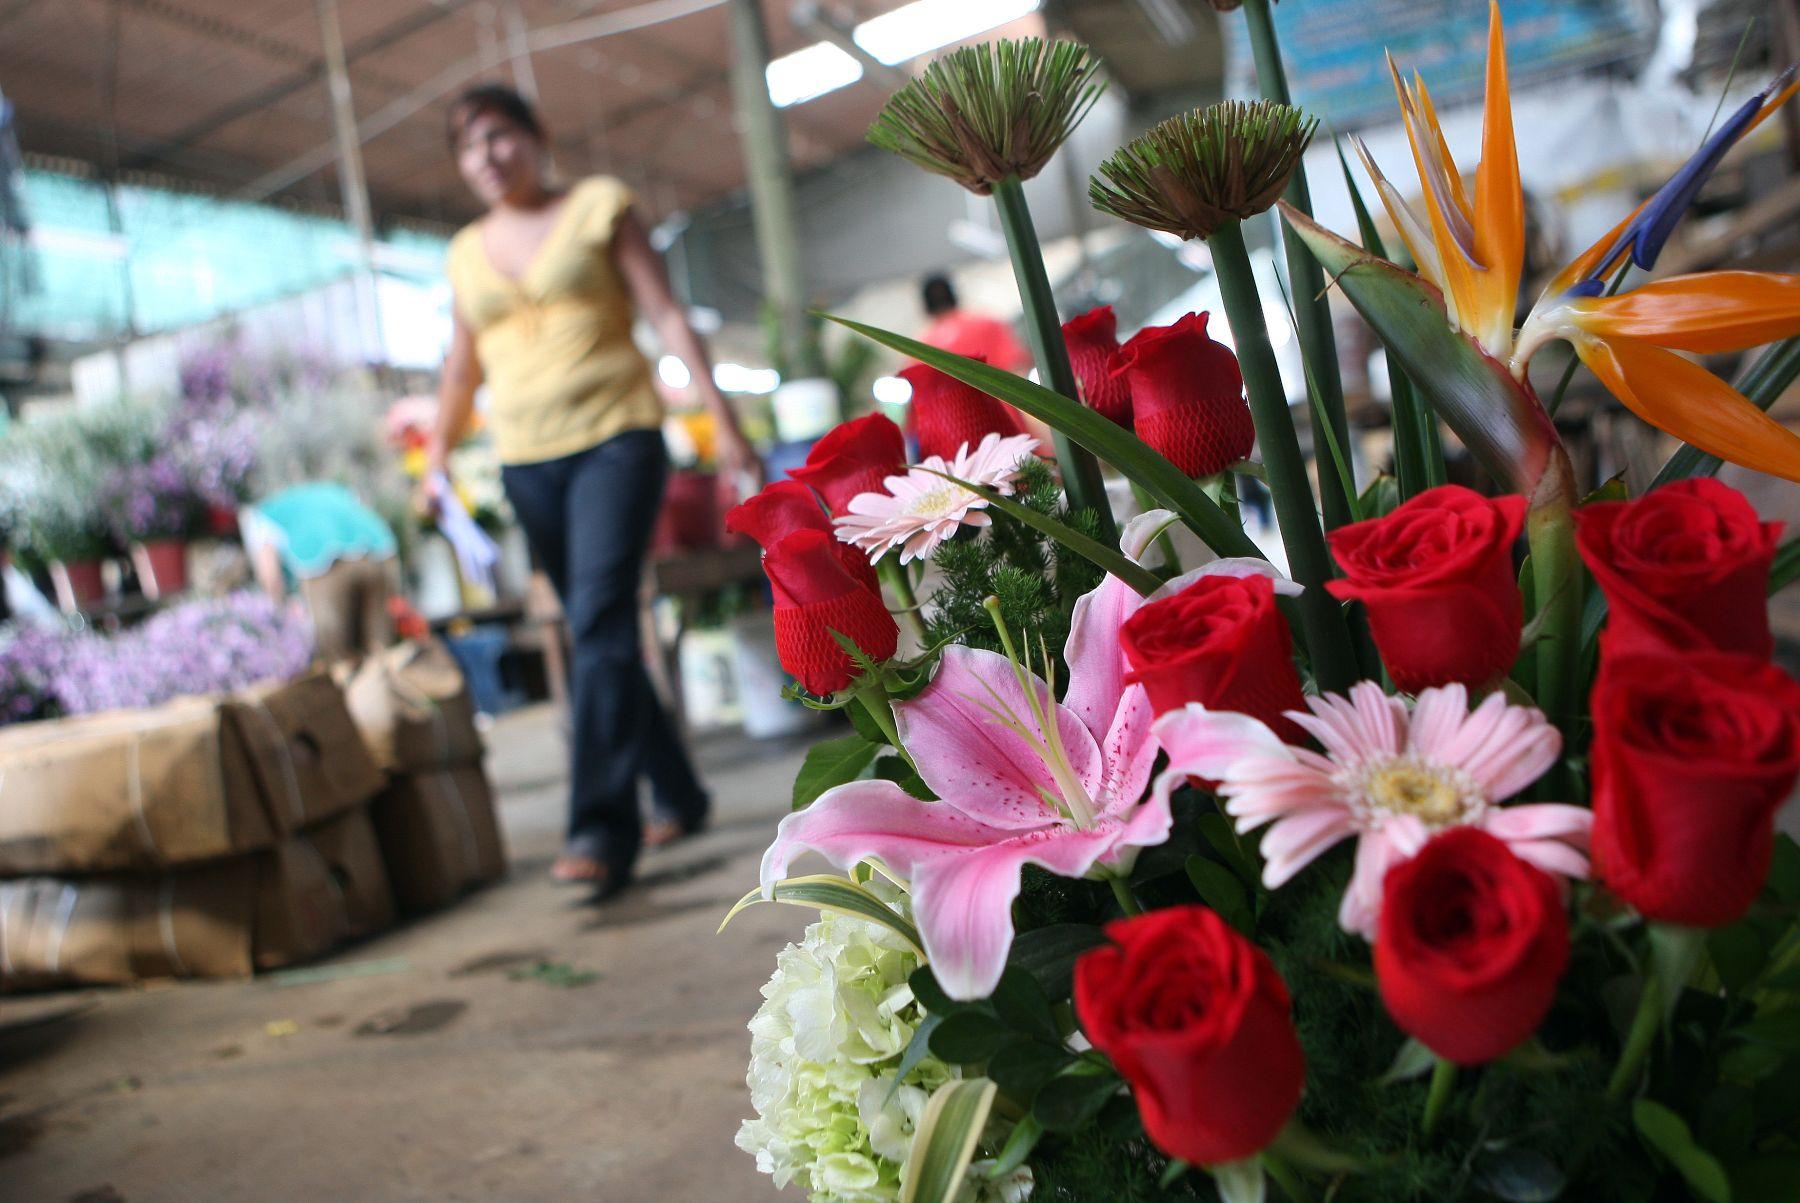 Público Acude A Mercados De Flores Para Adquirir Rosas Y